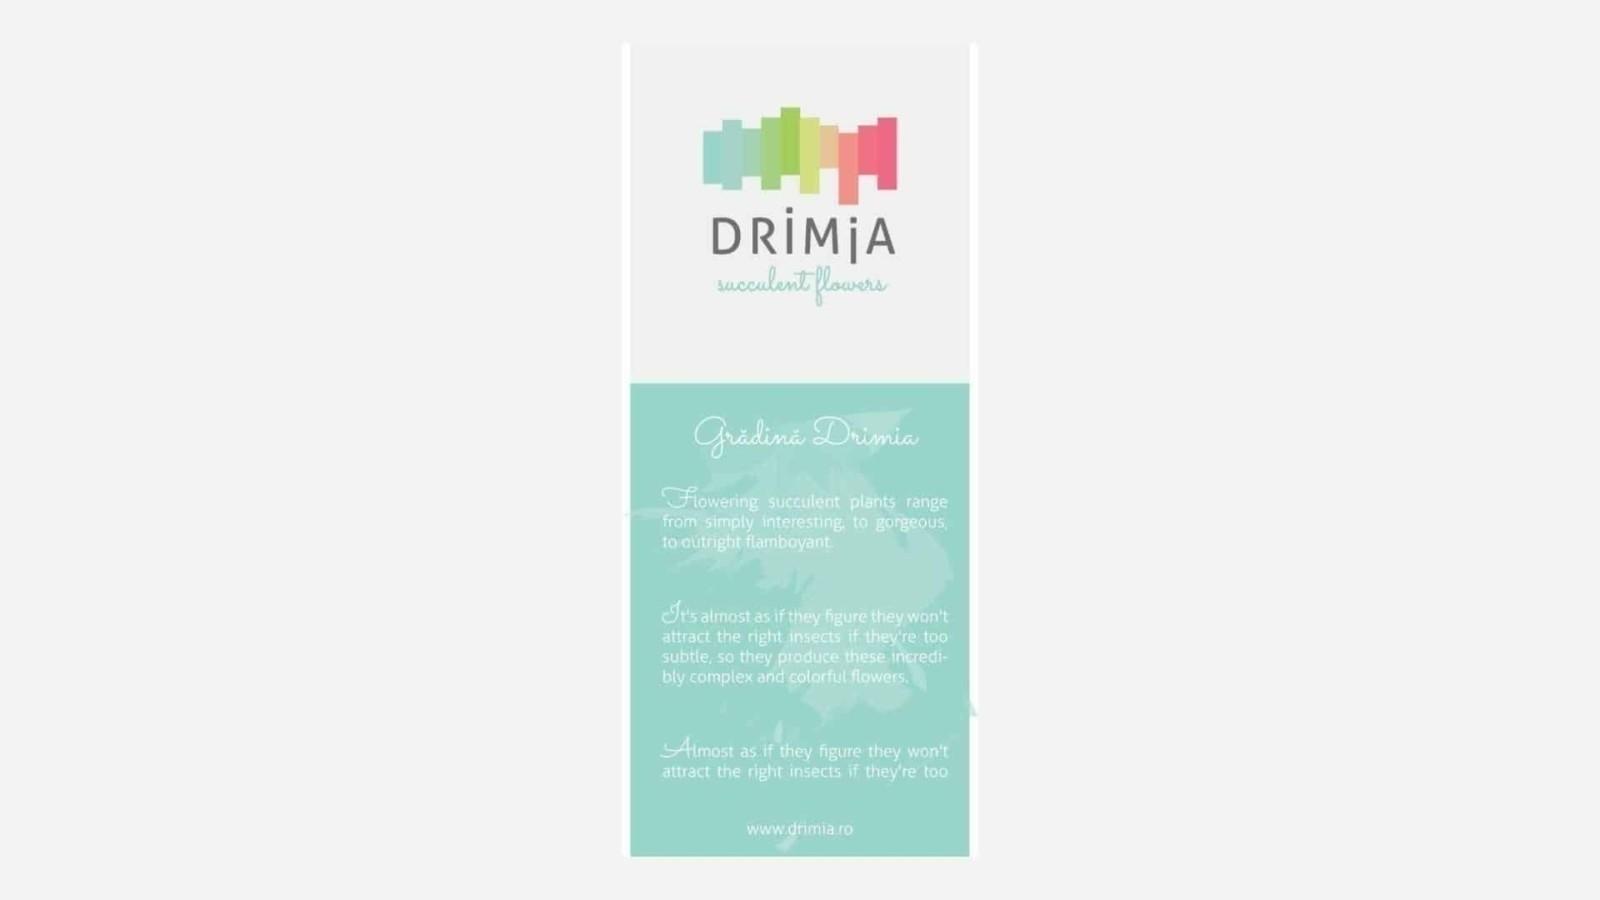 Drimia, branding identity